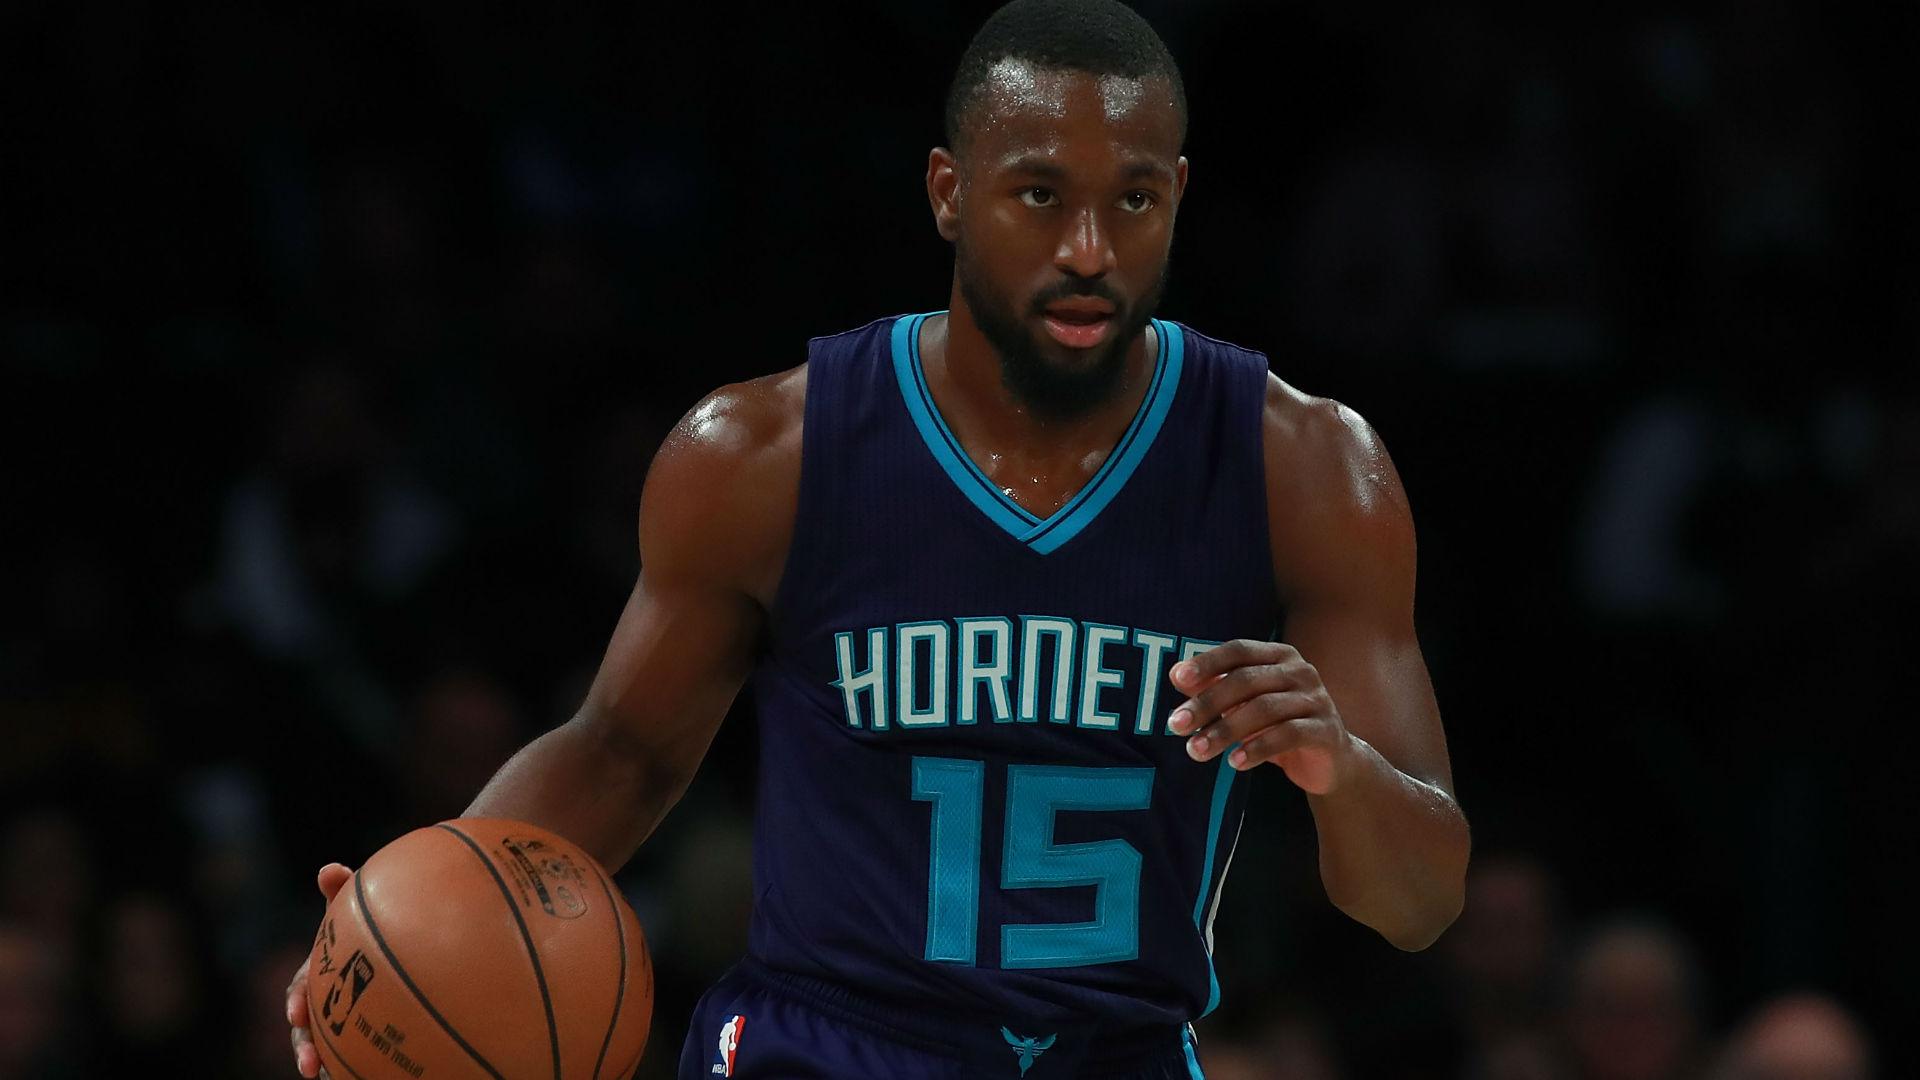 Hornets' Walker dismisses superstar tag